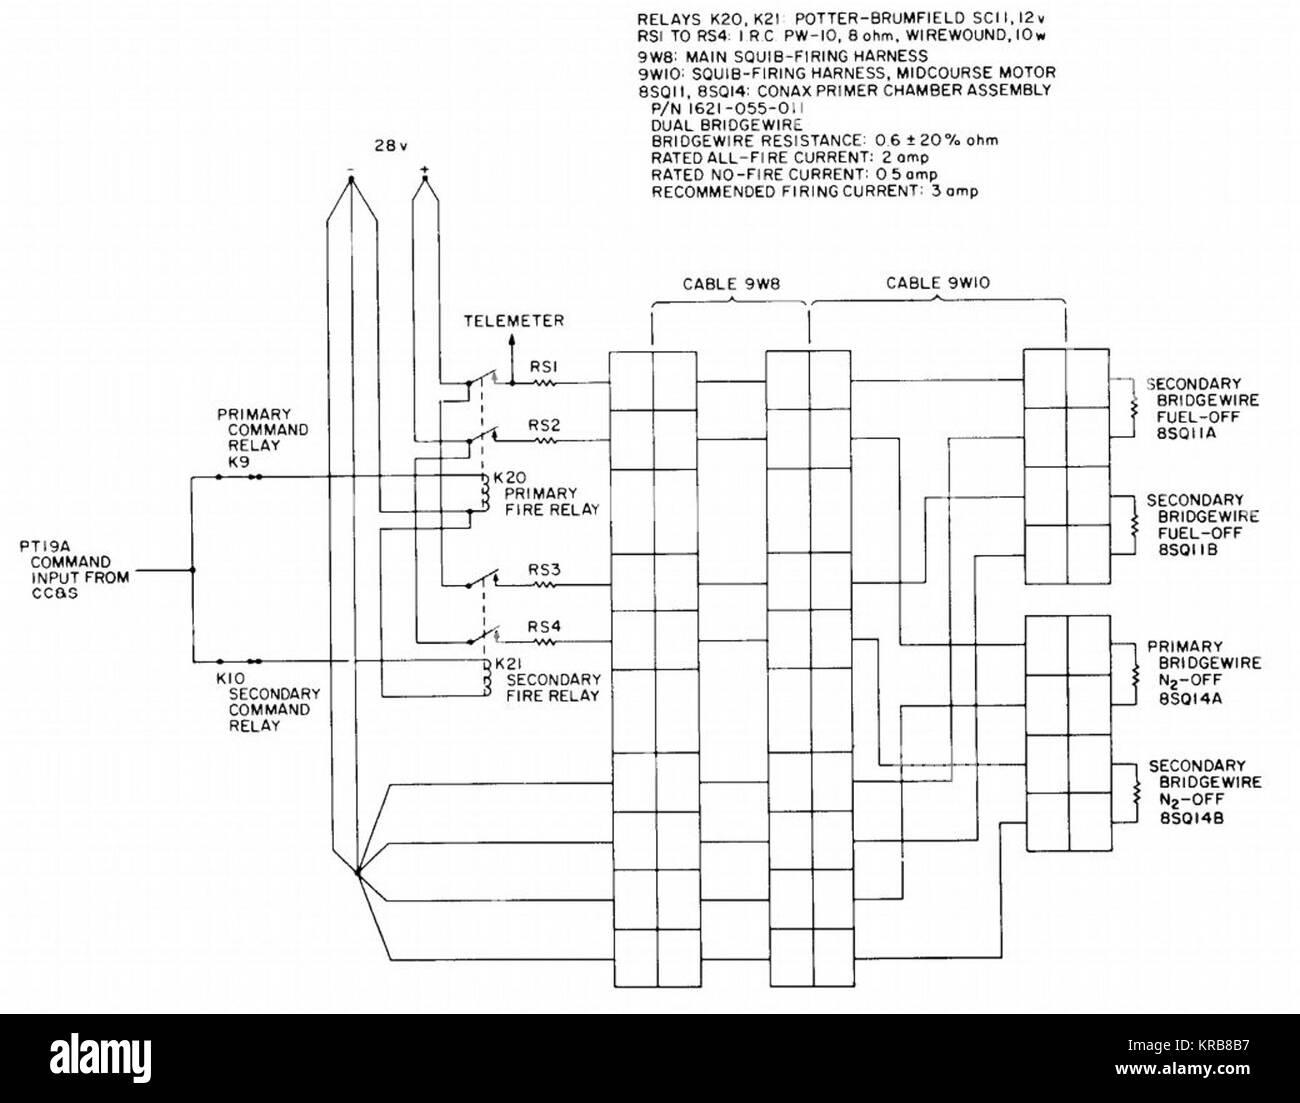 hight resolution of schematic diagram of nitrogen pressure shutoff system